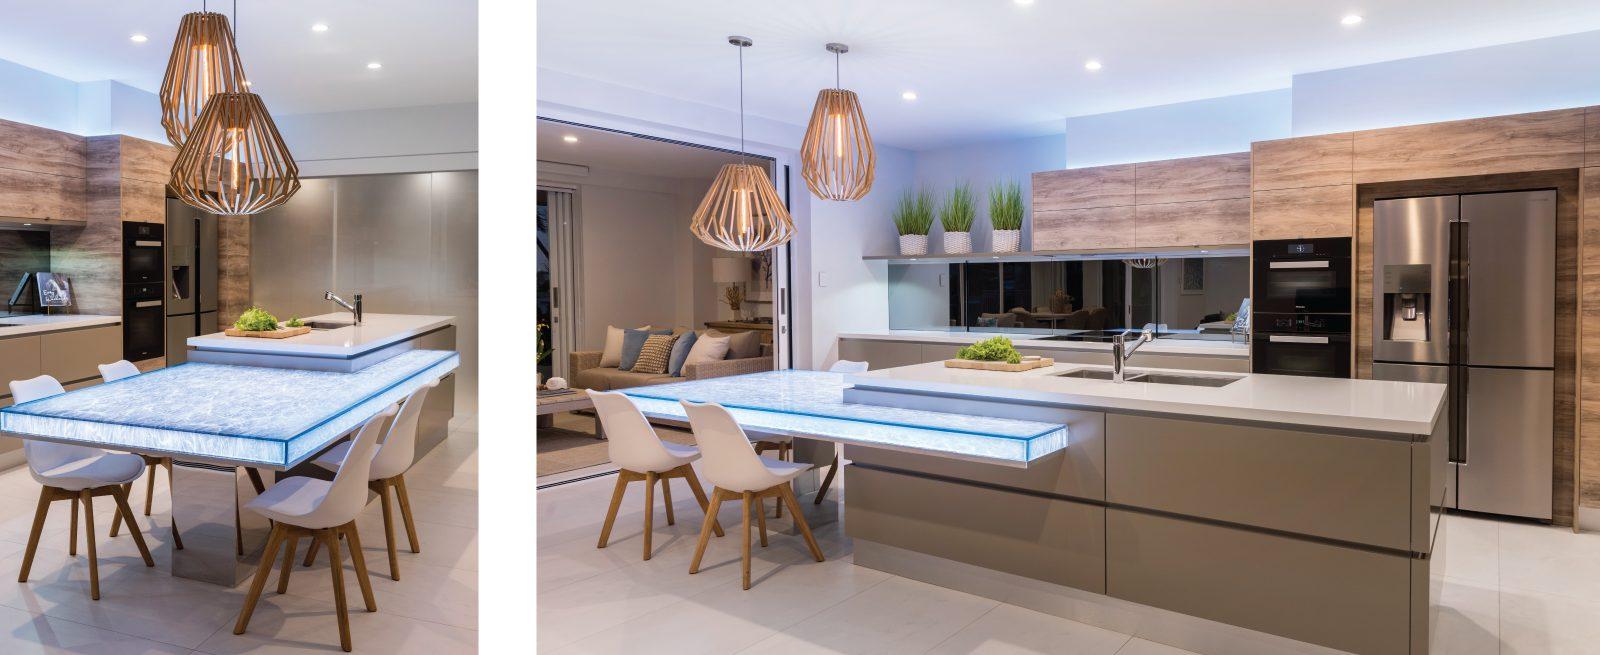 Kitchen Design & Renovation Brisbane Australia